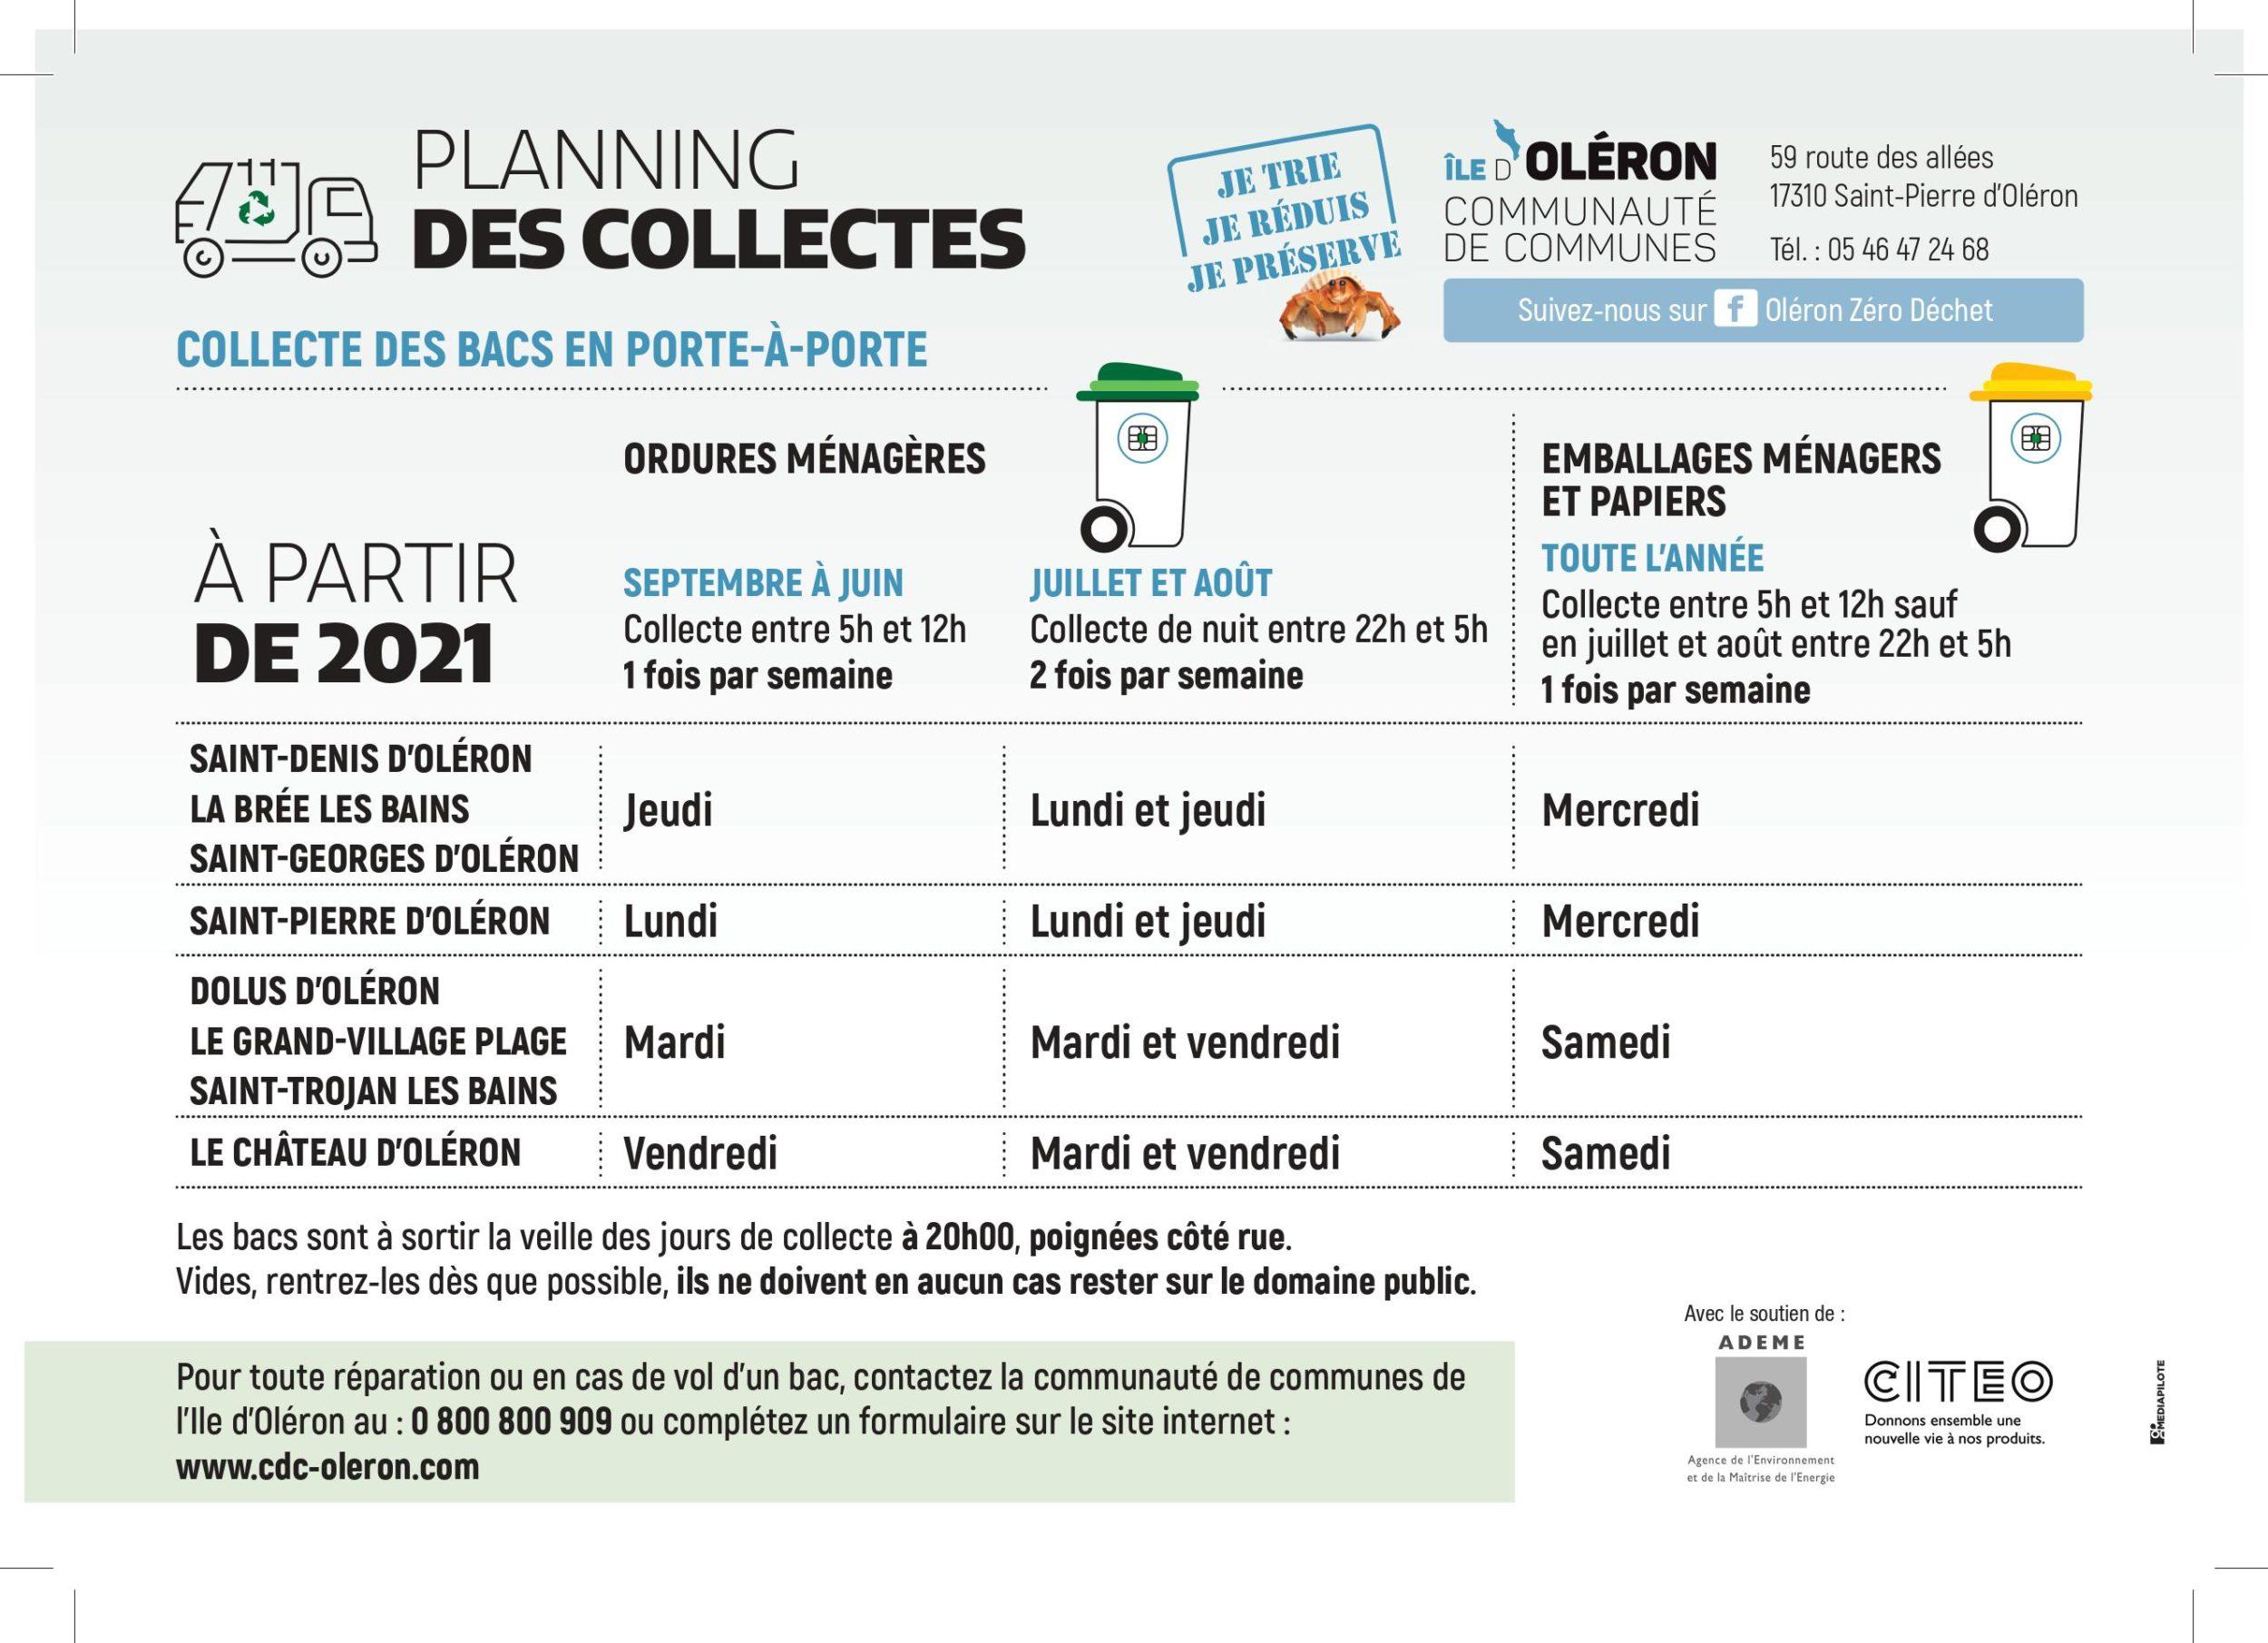 Planning des collectes